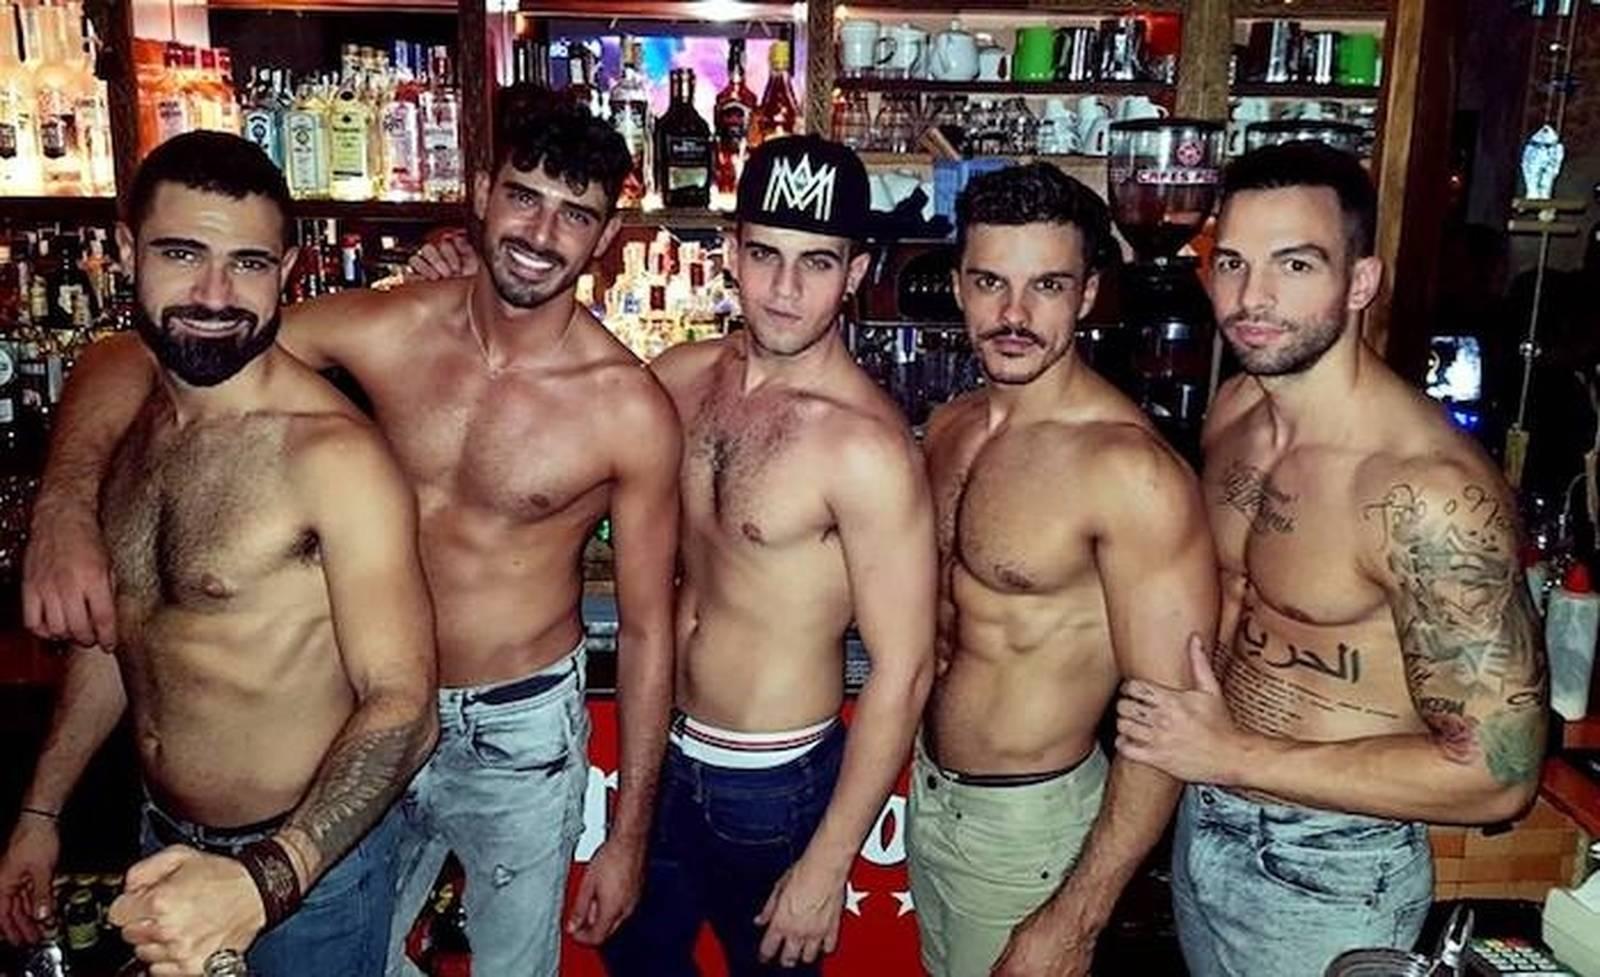 gay bars montreal canada